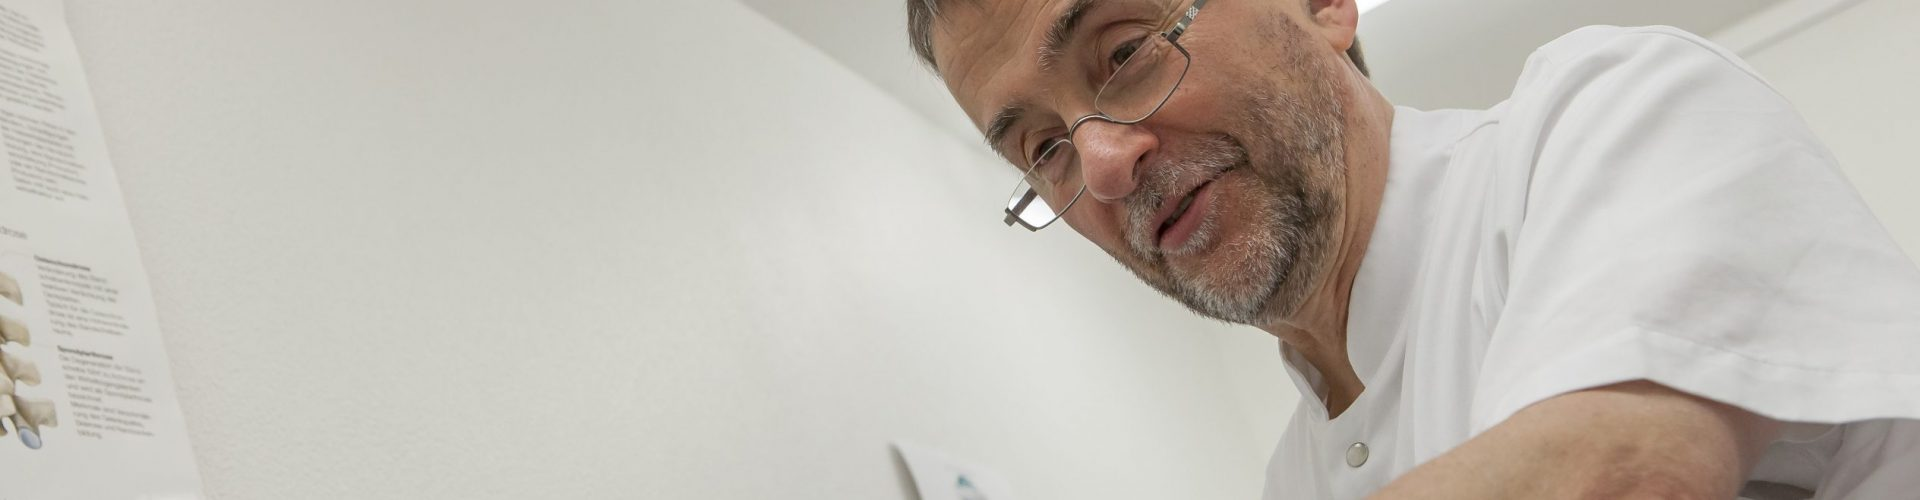 Interview mit Dr. Kappus vom Wacken Klinikum Itzehoe